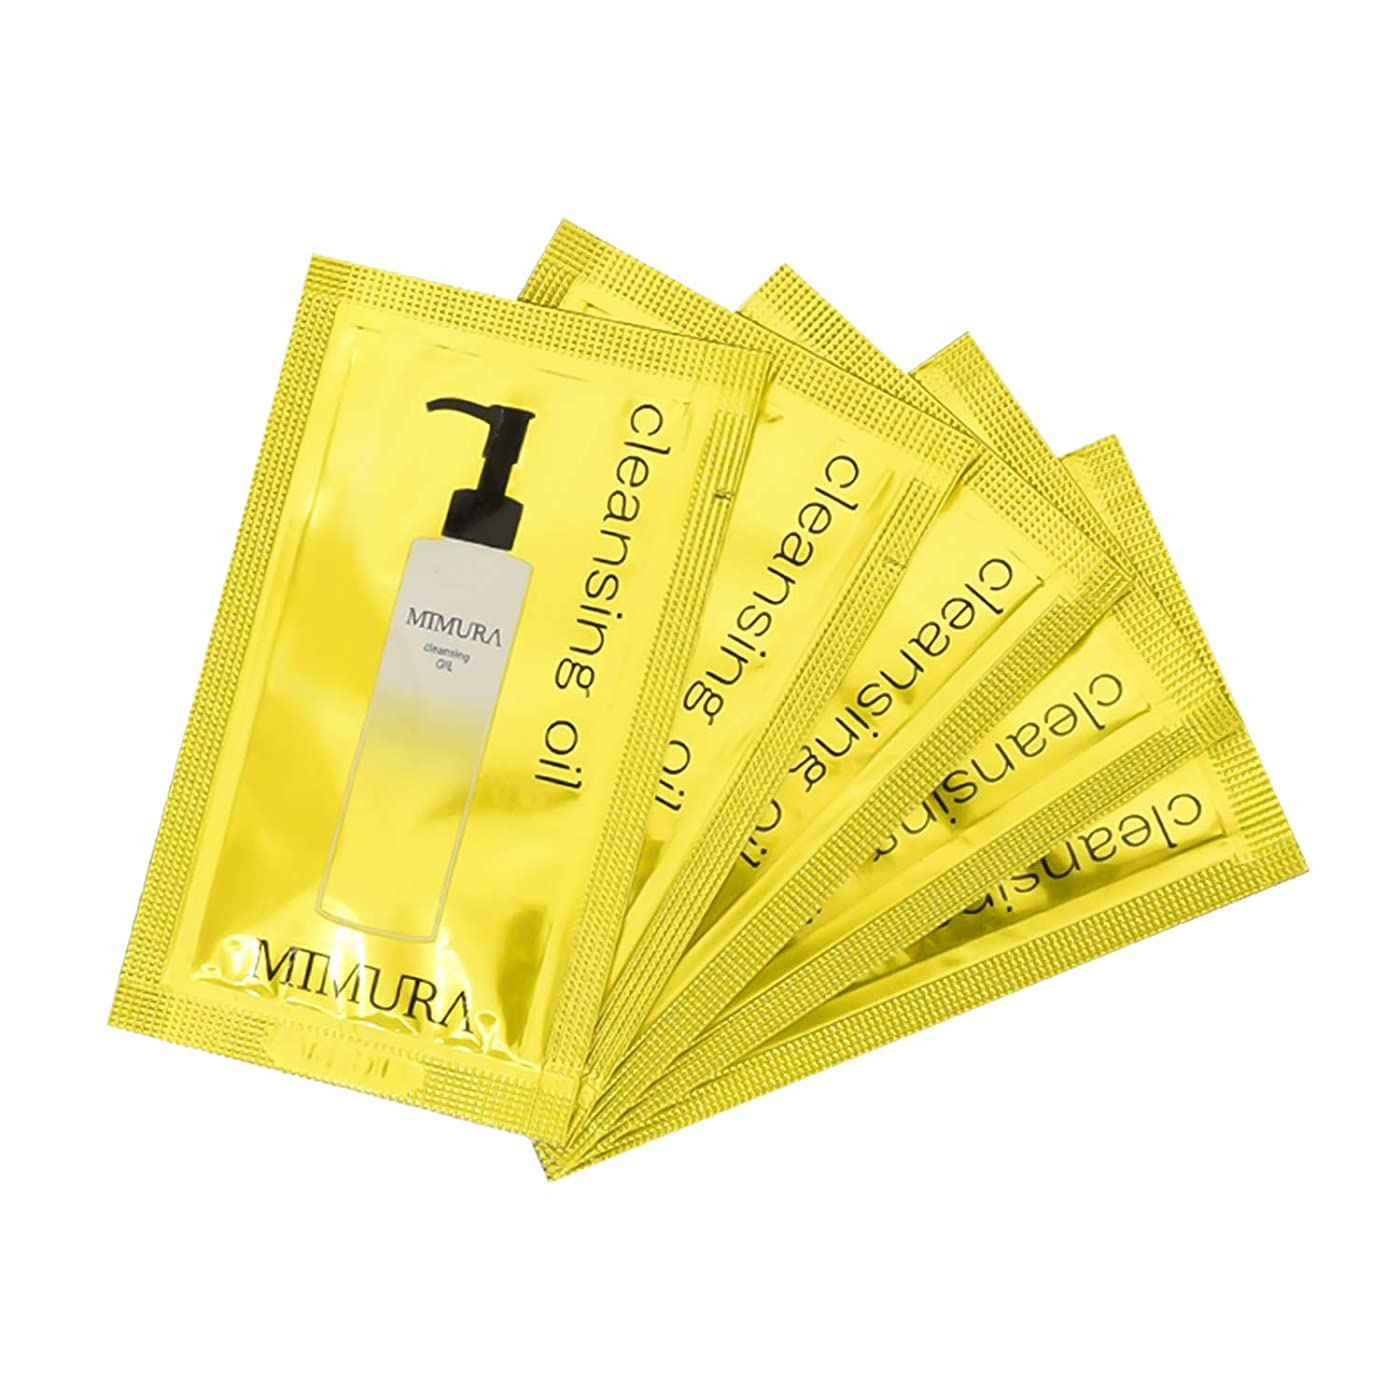 ウィスキークライアントチューインガムマツエクOK w洗顔不要 お風呂で使える 6つの植物オイル ミムラ クレンジングオイル 試供品5個入り ゆうパケット(ポスト投函)での発送となります。日本製 ※おひとり様1点までとなります。